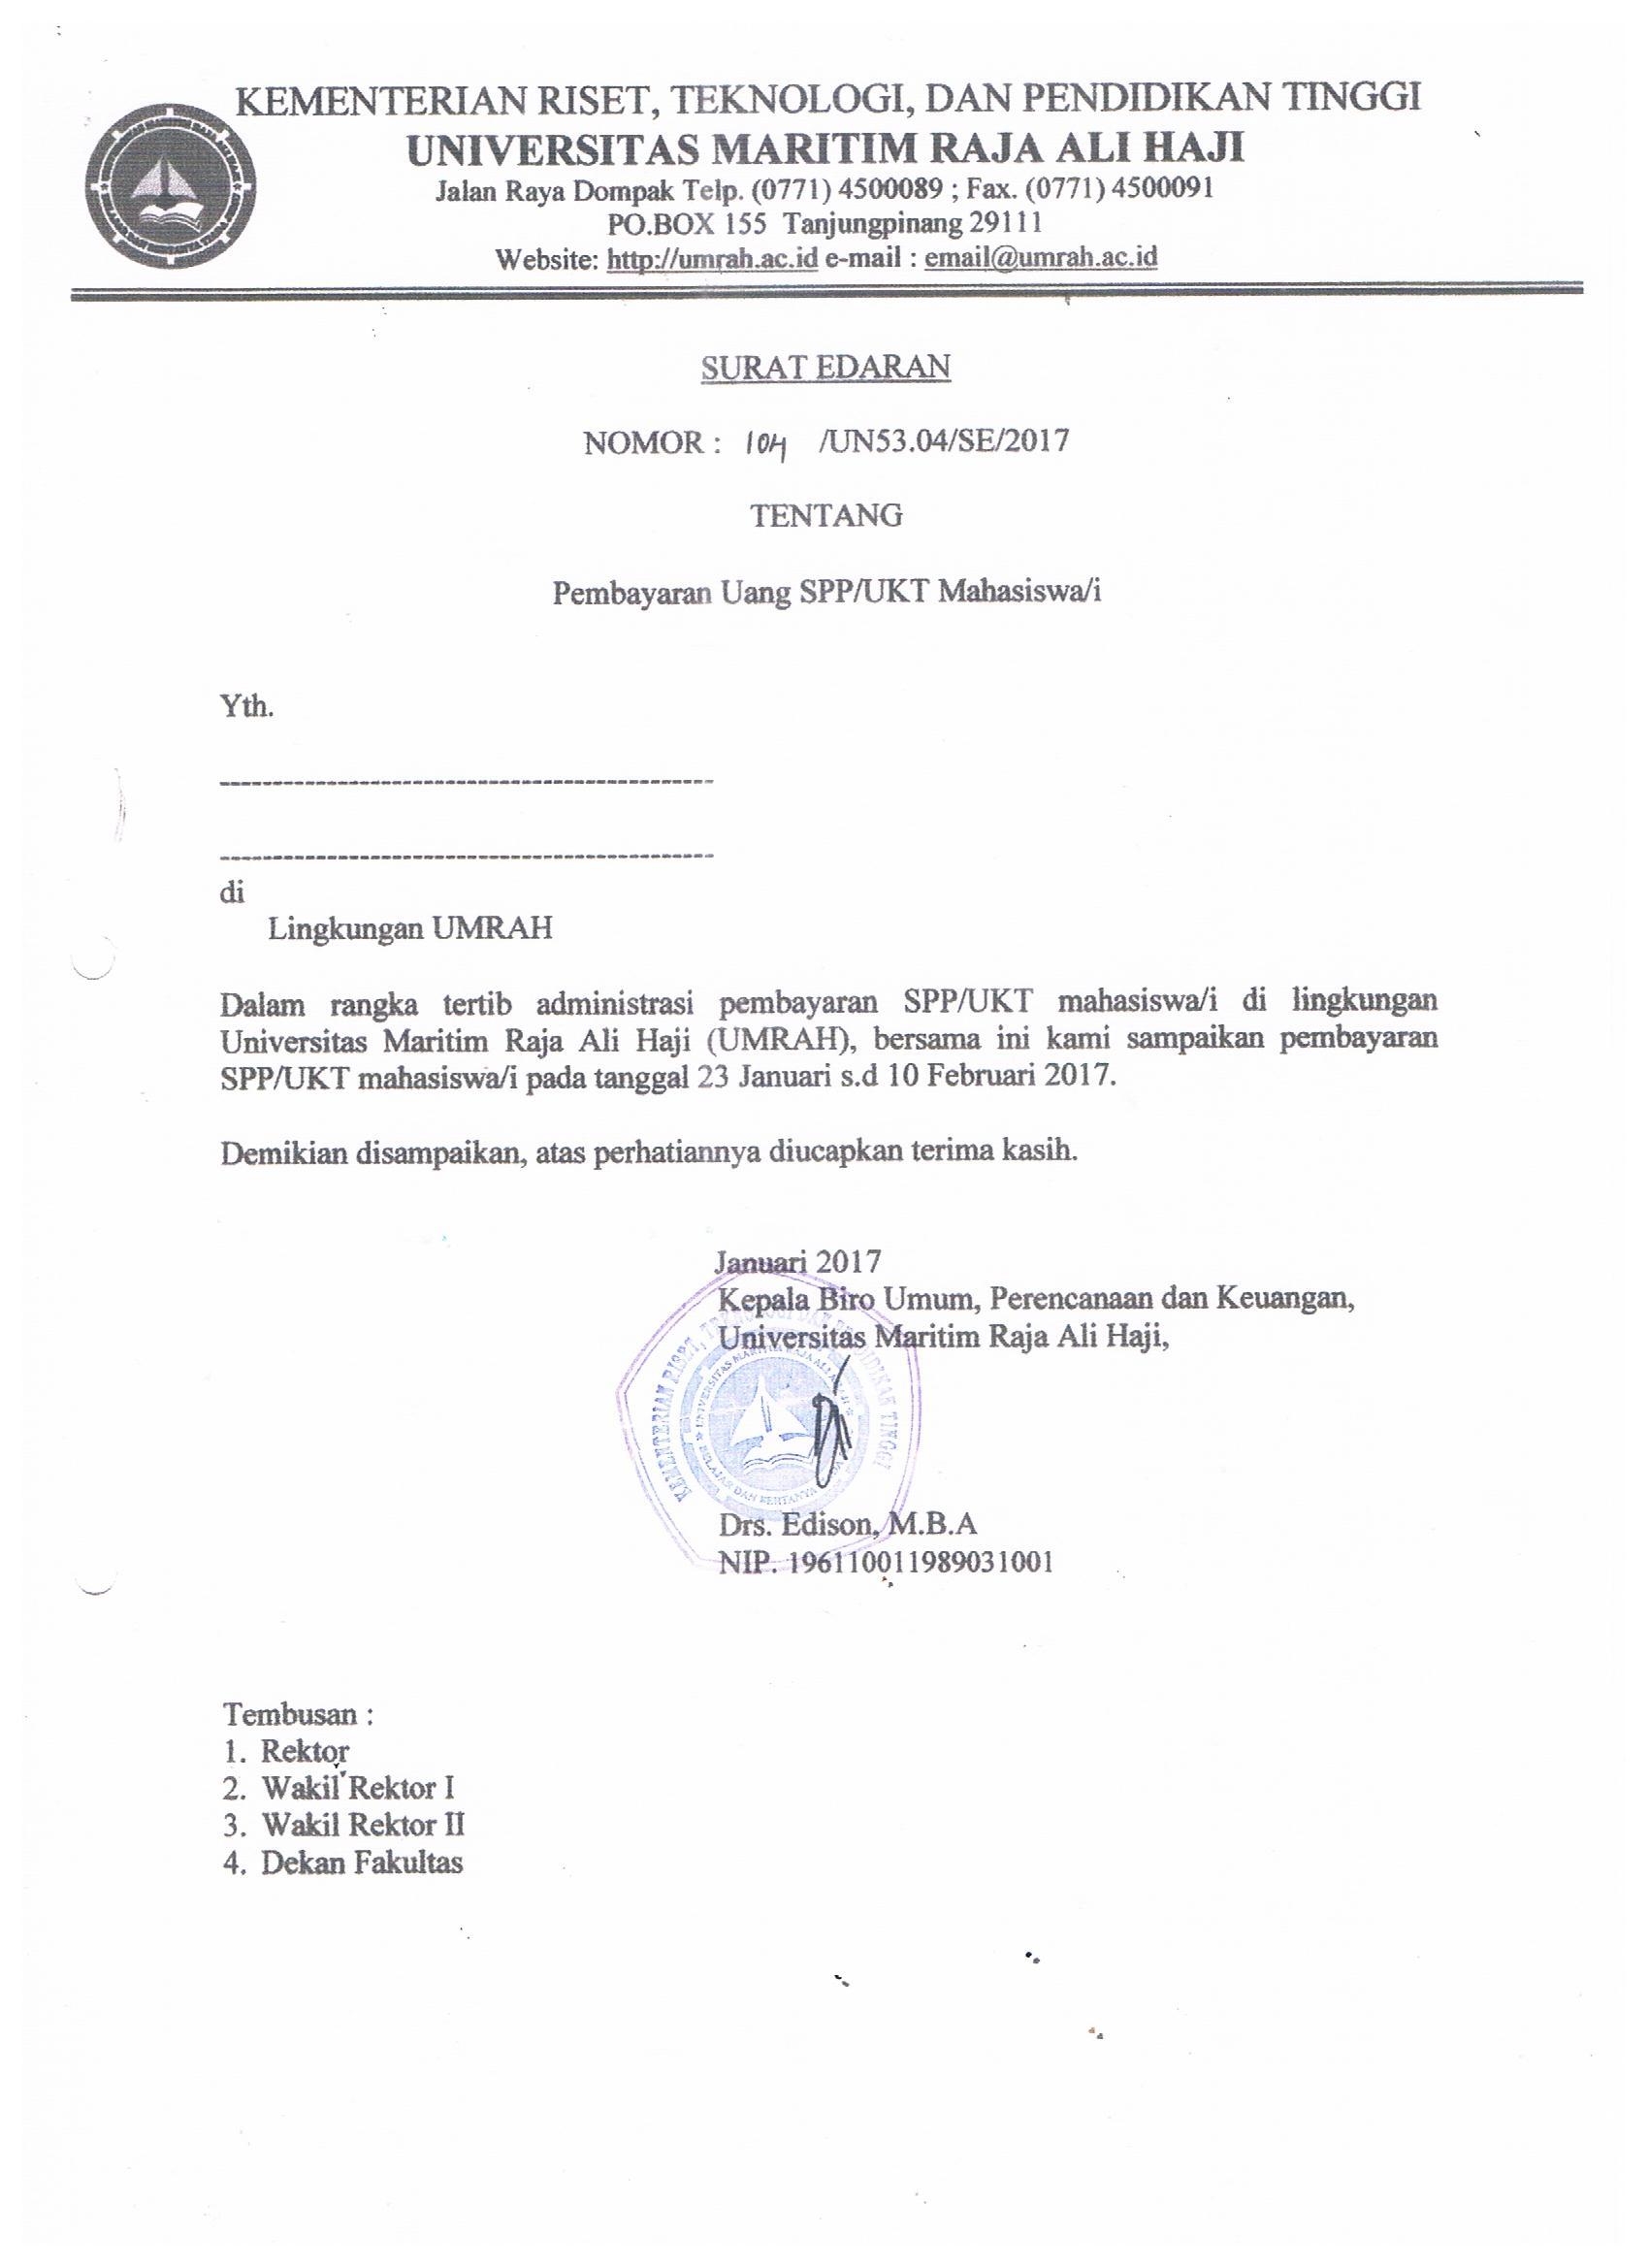 Surat Edaran Jadwal Pembayaran SPP/UKT